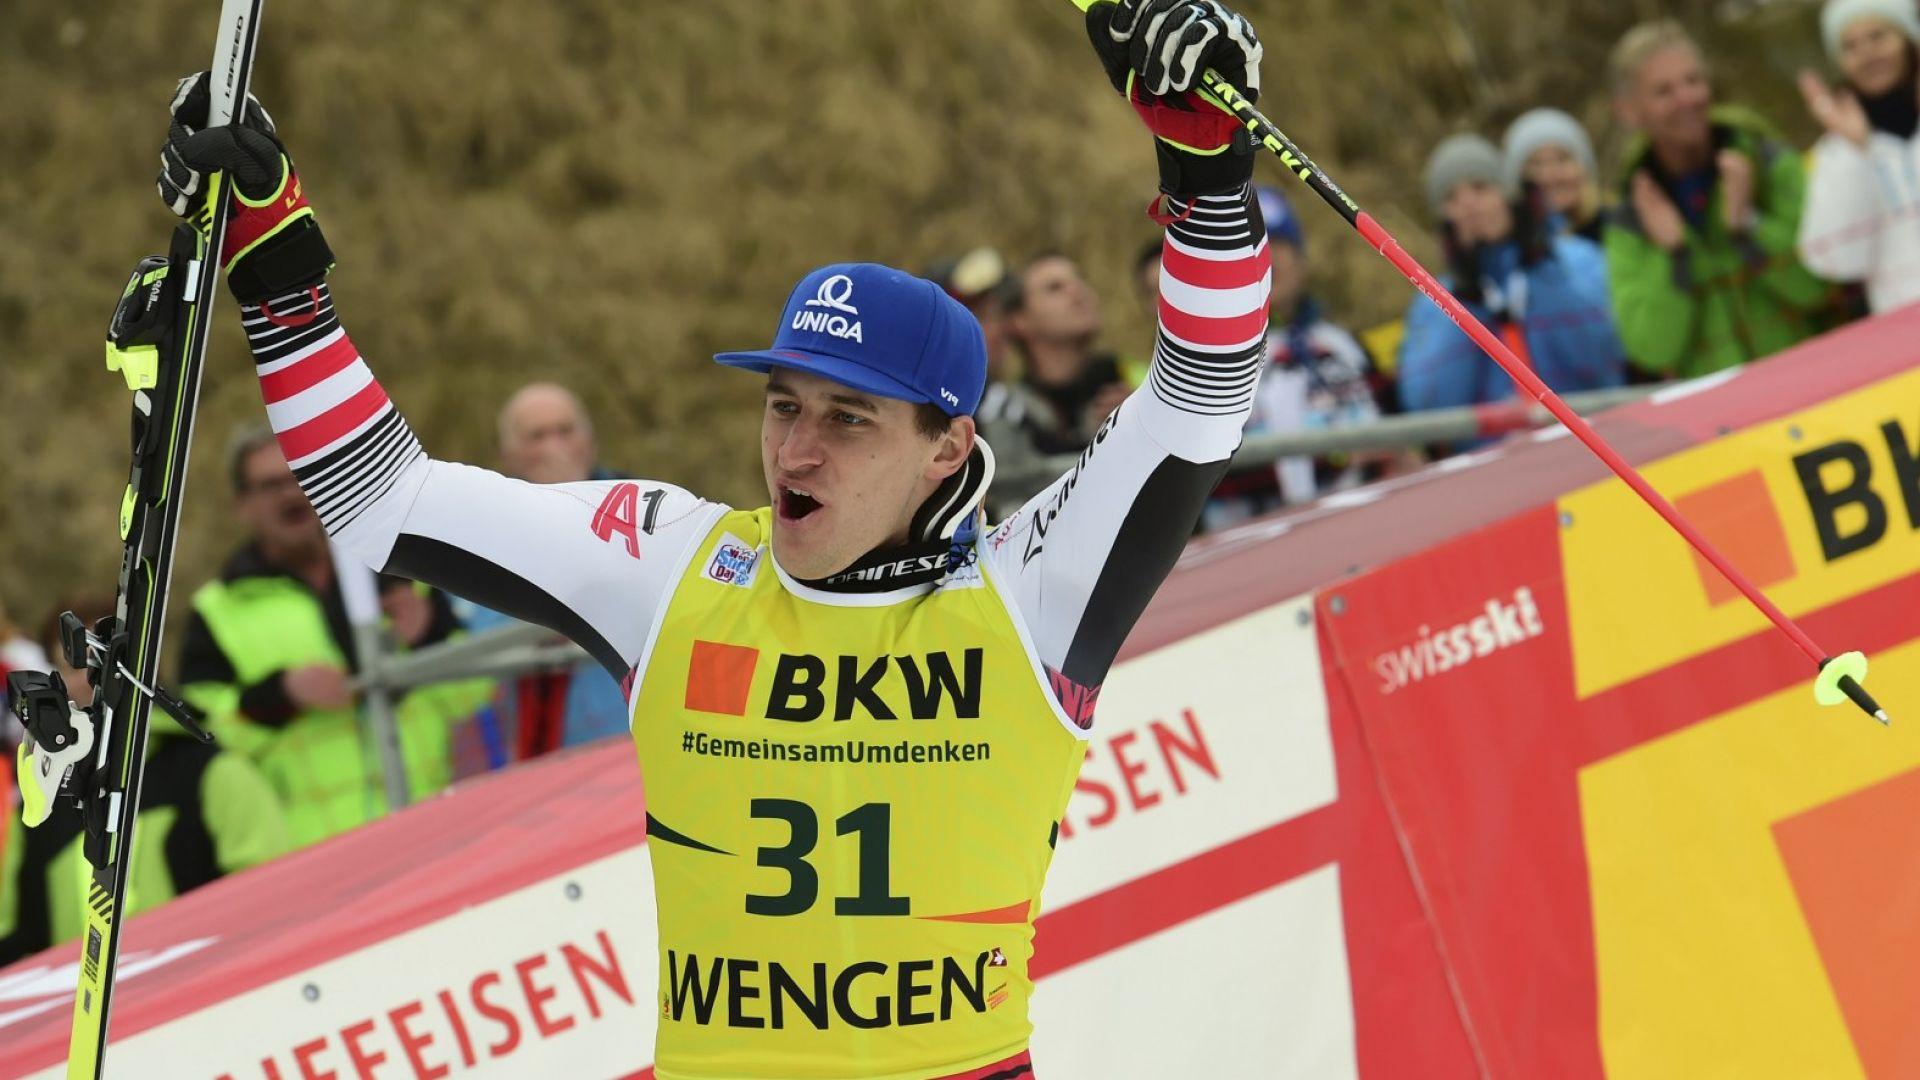 Двукратен олимпийски шампион спечели алпийската комбинация във Веген